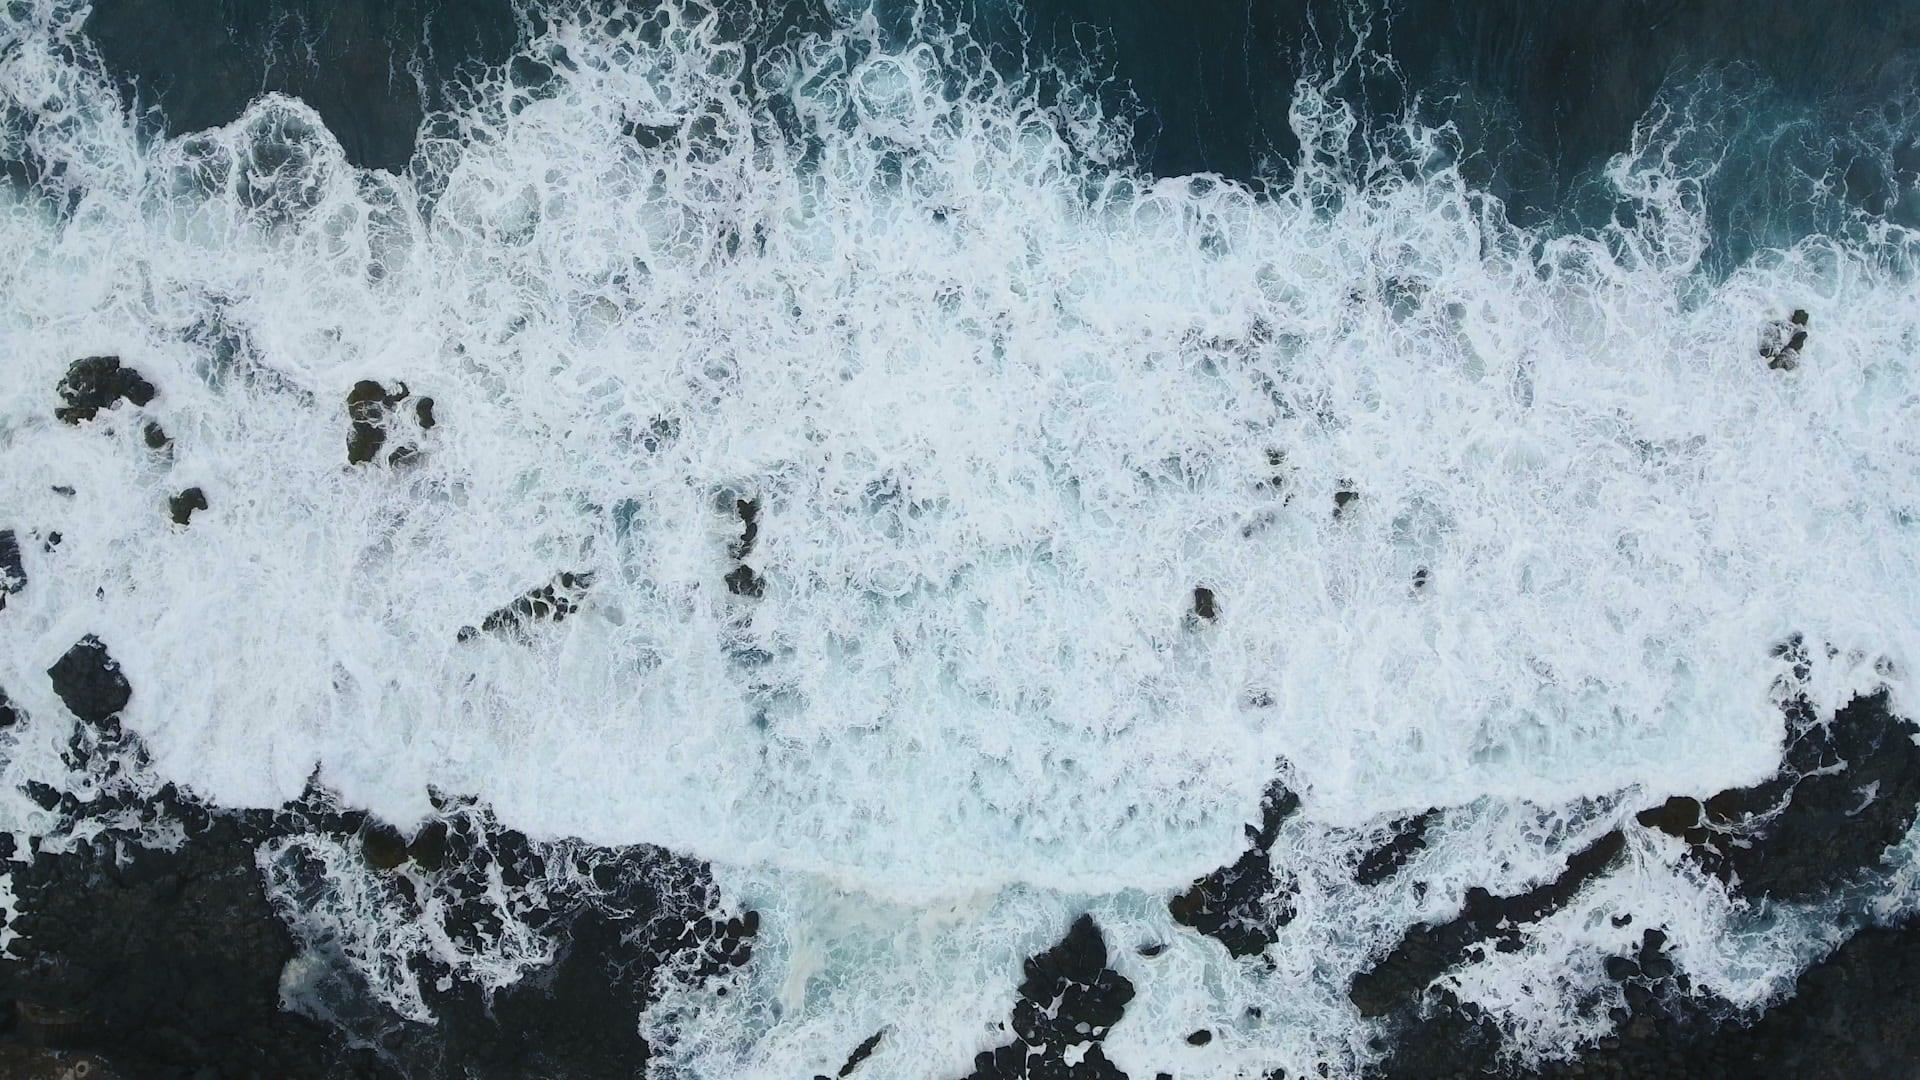 Big Marlin Group Ocean Waves